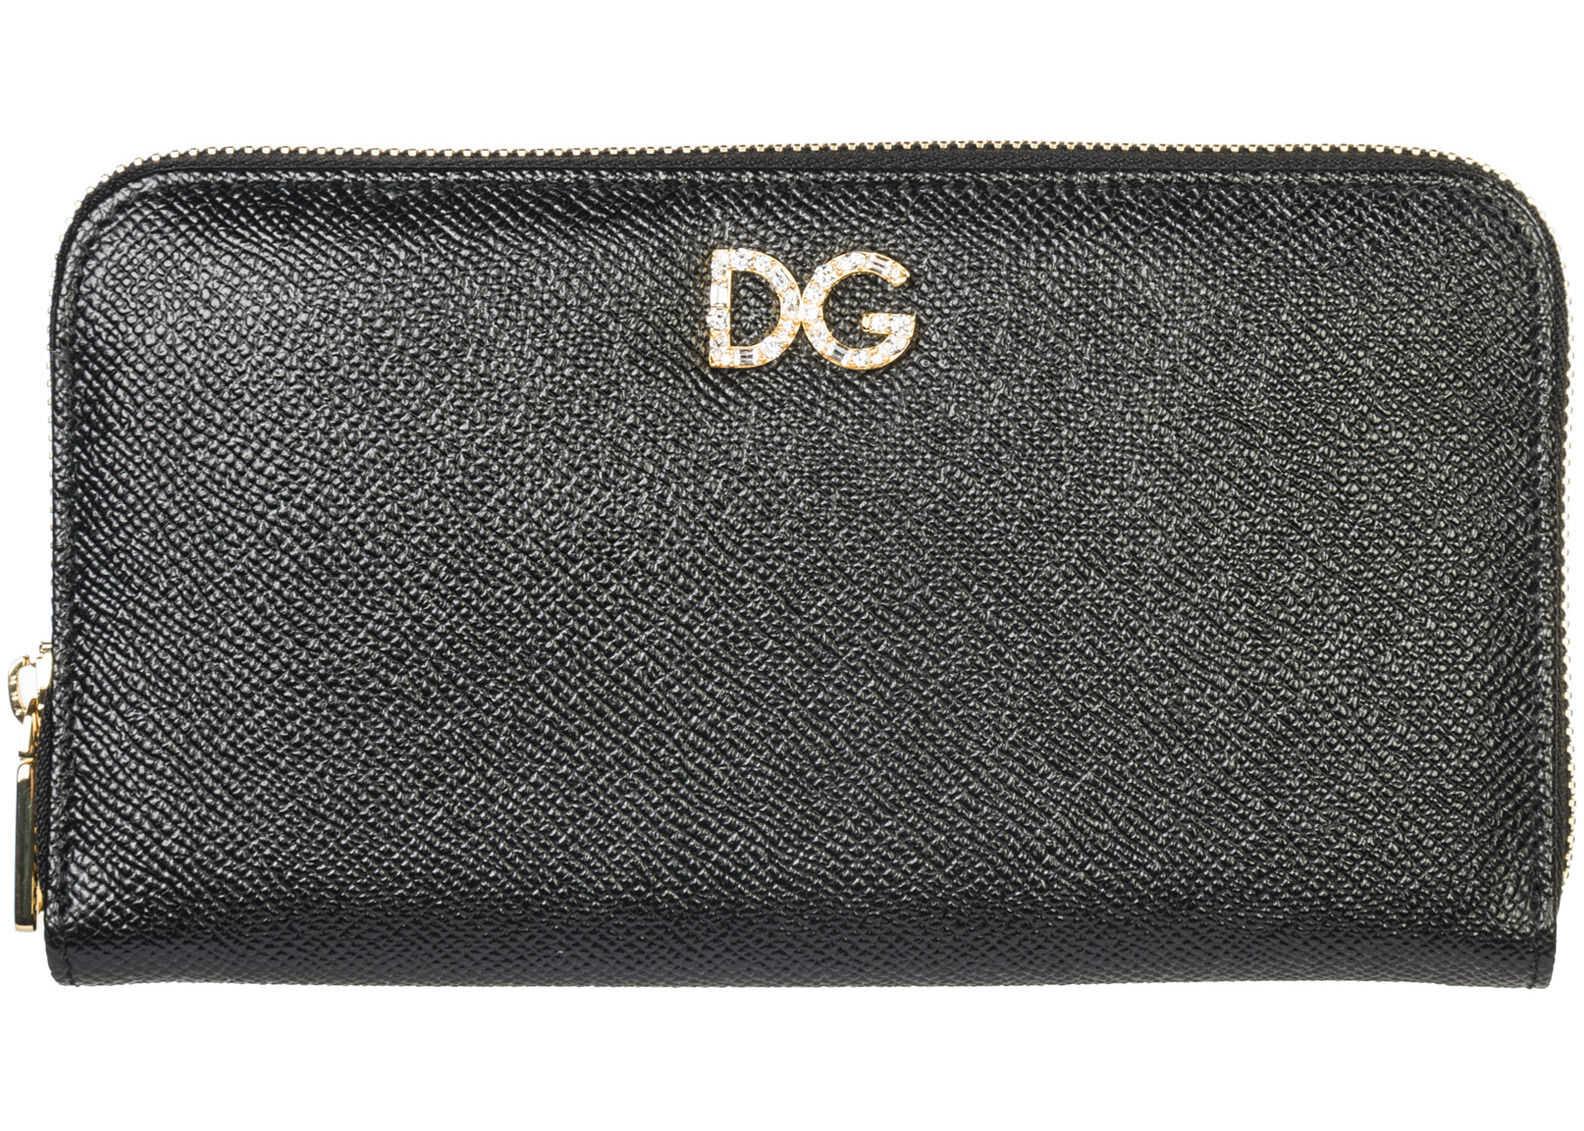 Dolce & Gabbana Card Trifold Black